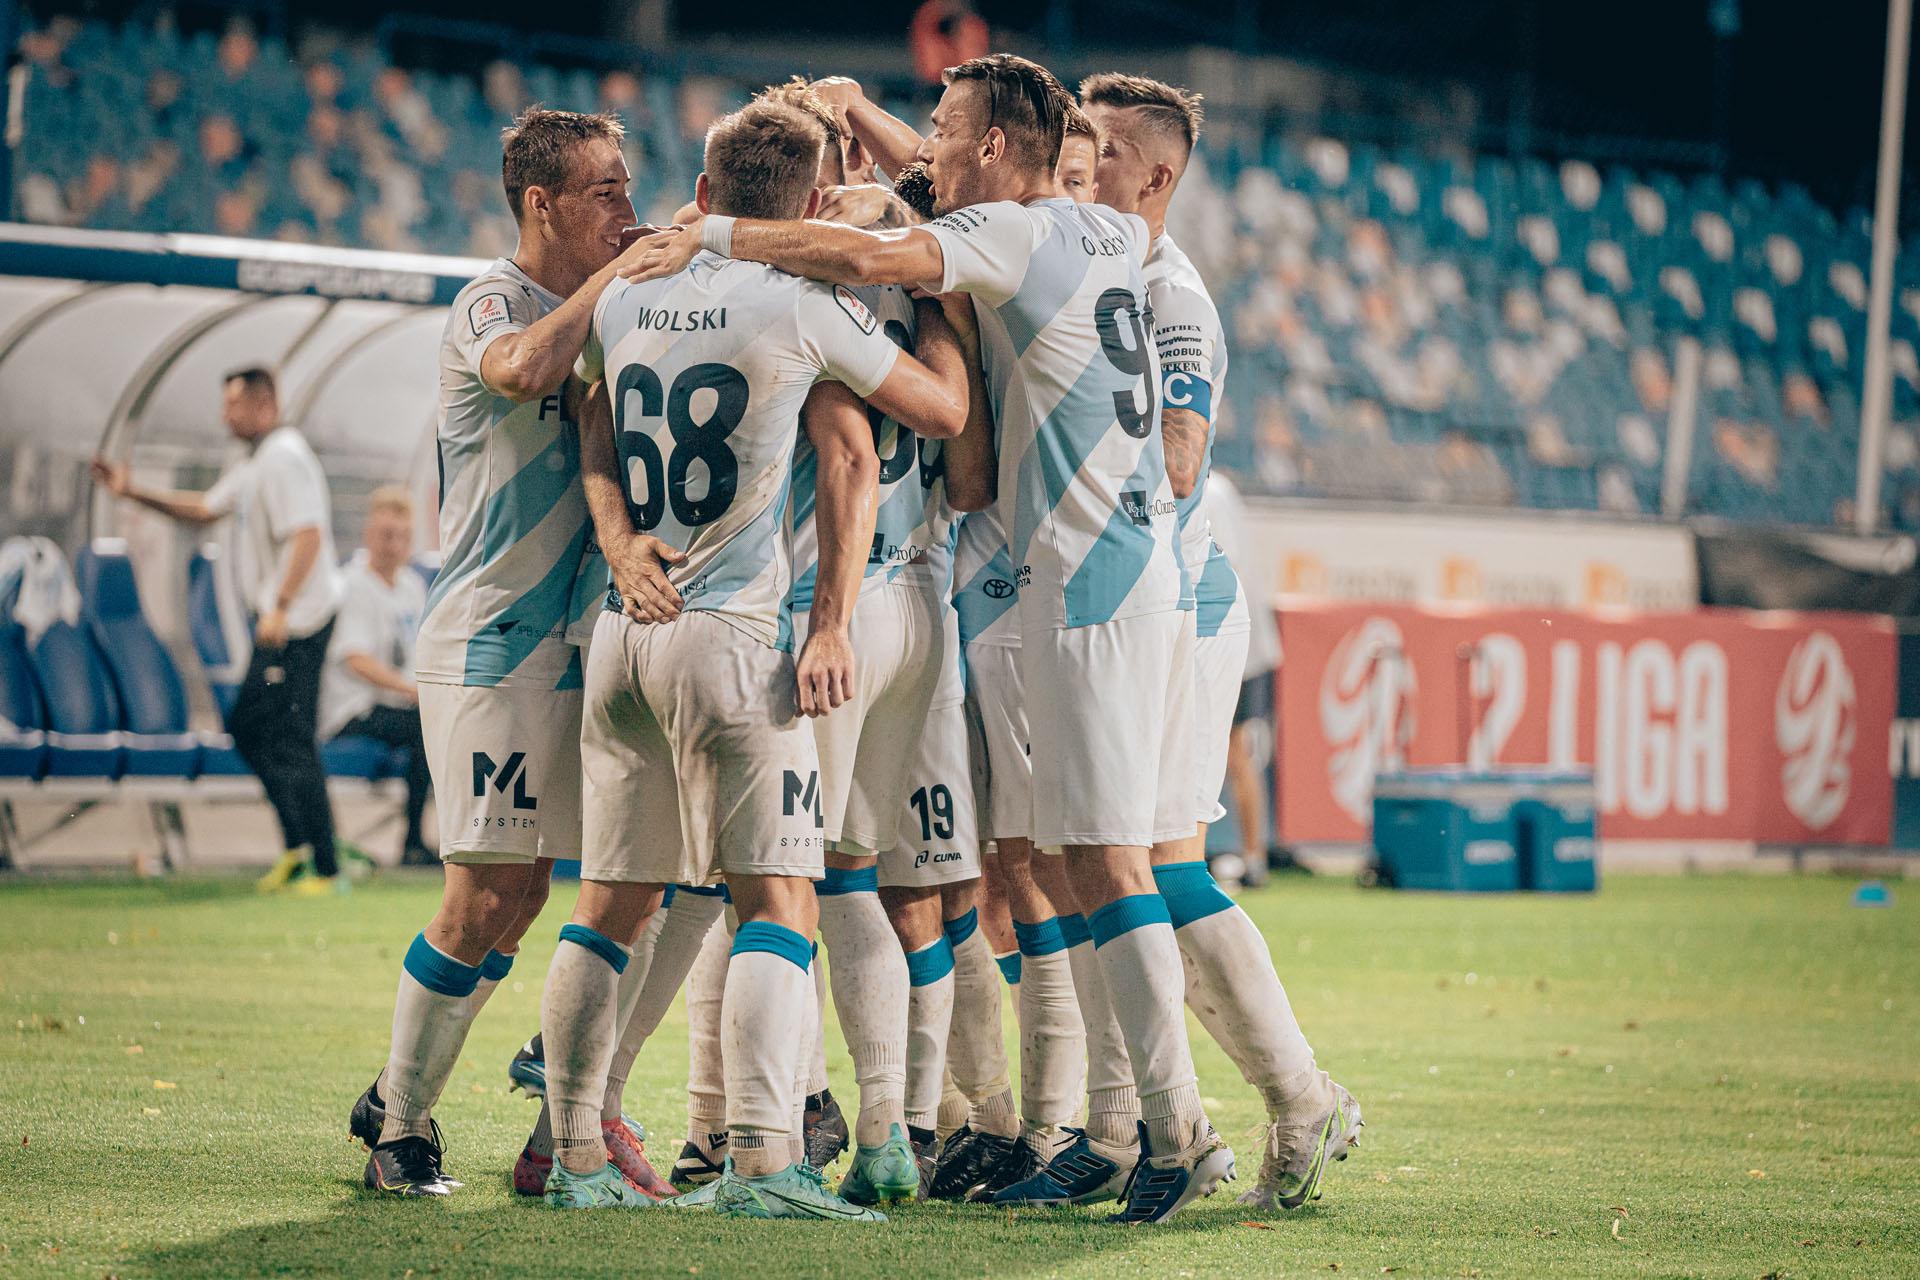 Stal Rzeszów - Garbarnia Kraków 5-1, 31-07-2021, fot. K.Krupa